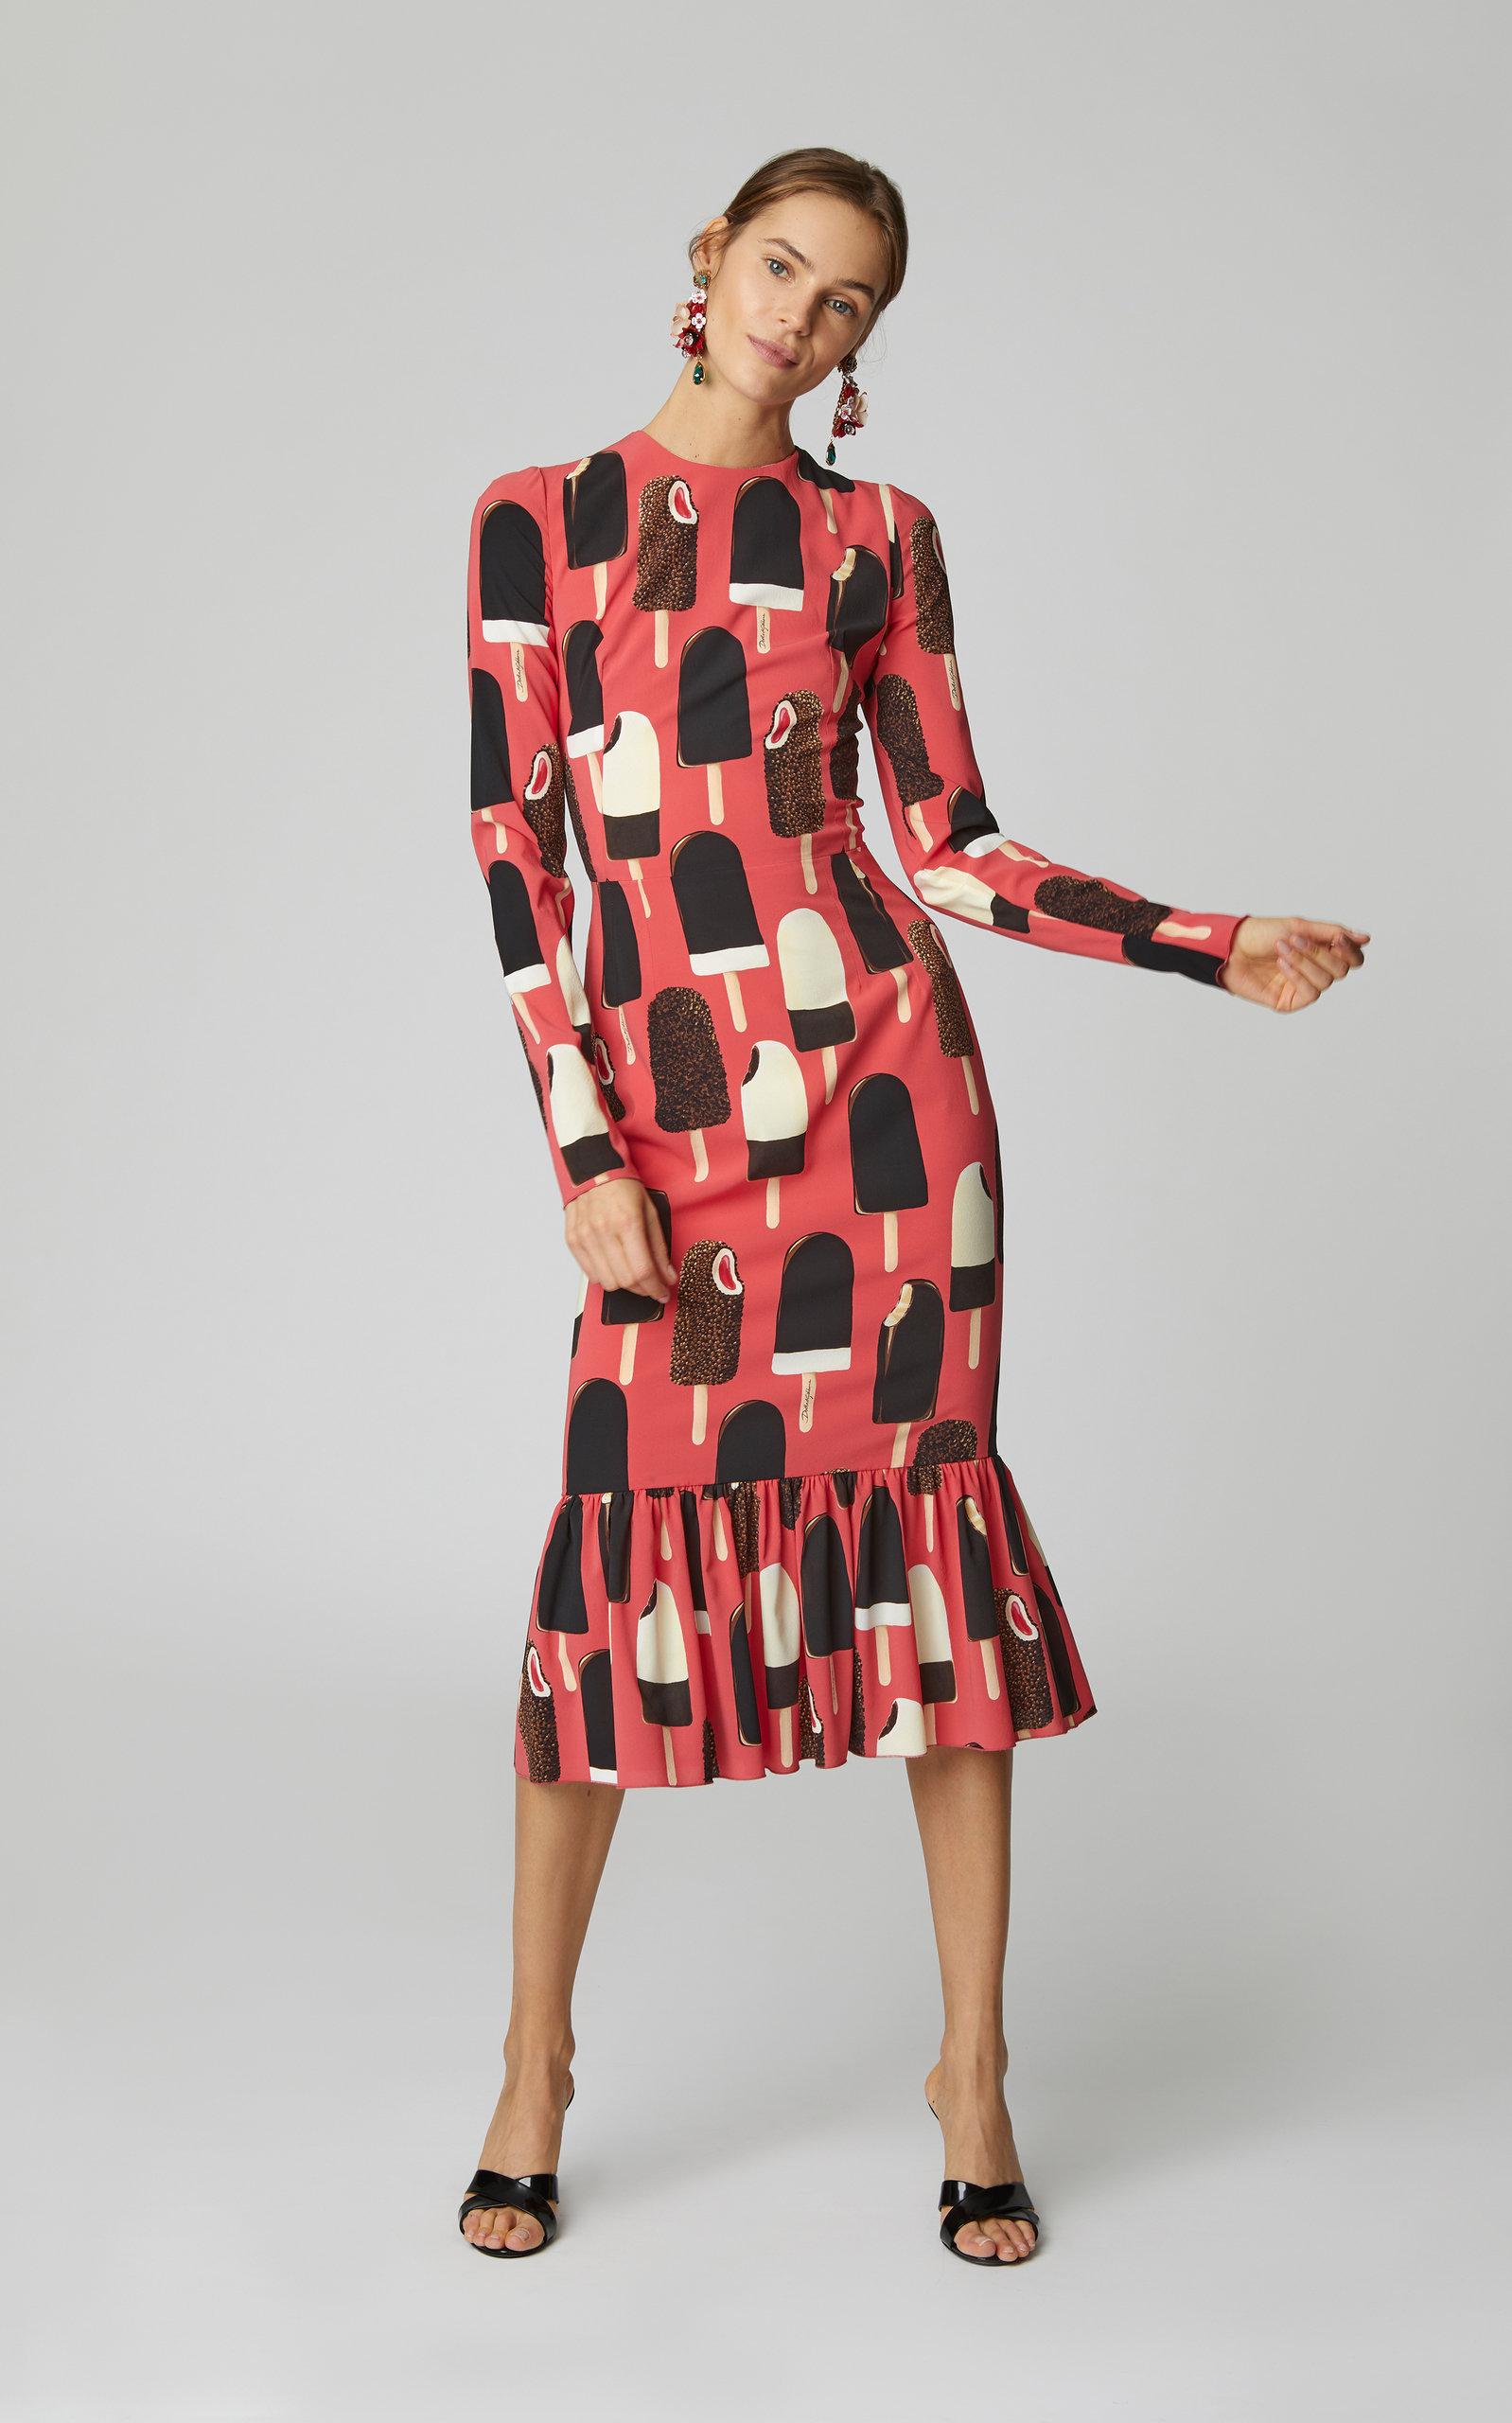 5f83f83db6b Dolce   GabbanaIce Cream Charmeuse Dress. CLOSE. Loading